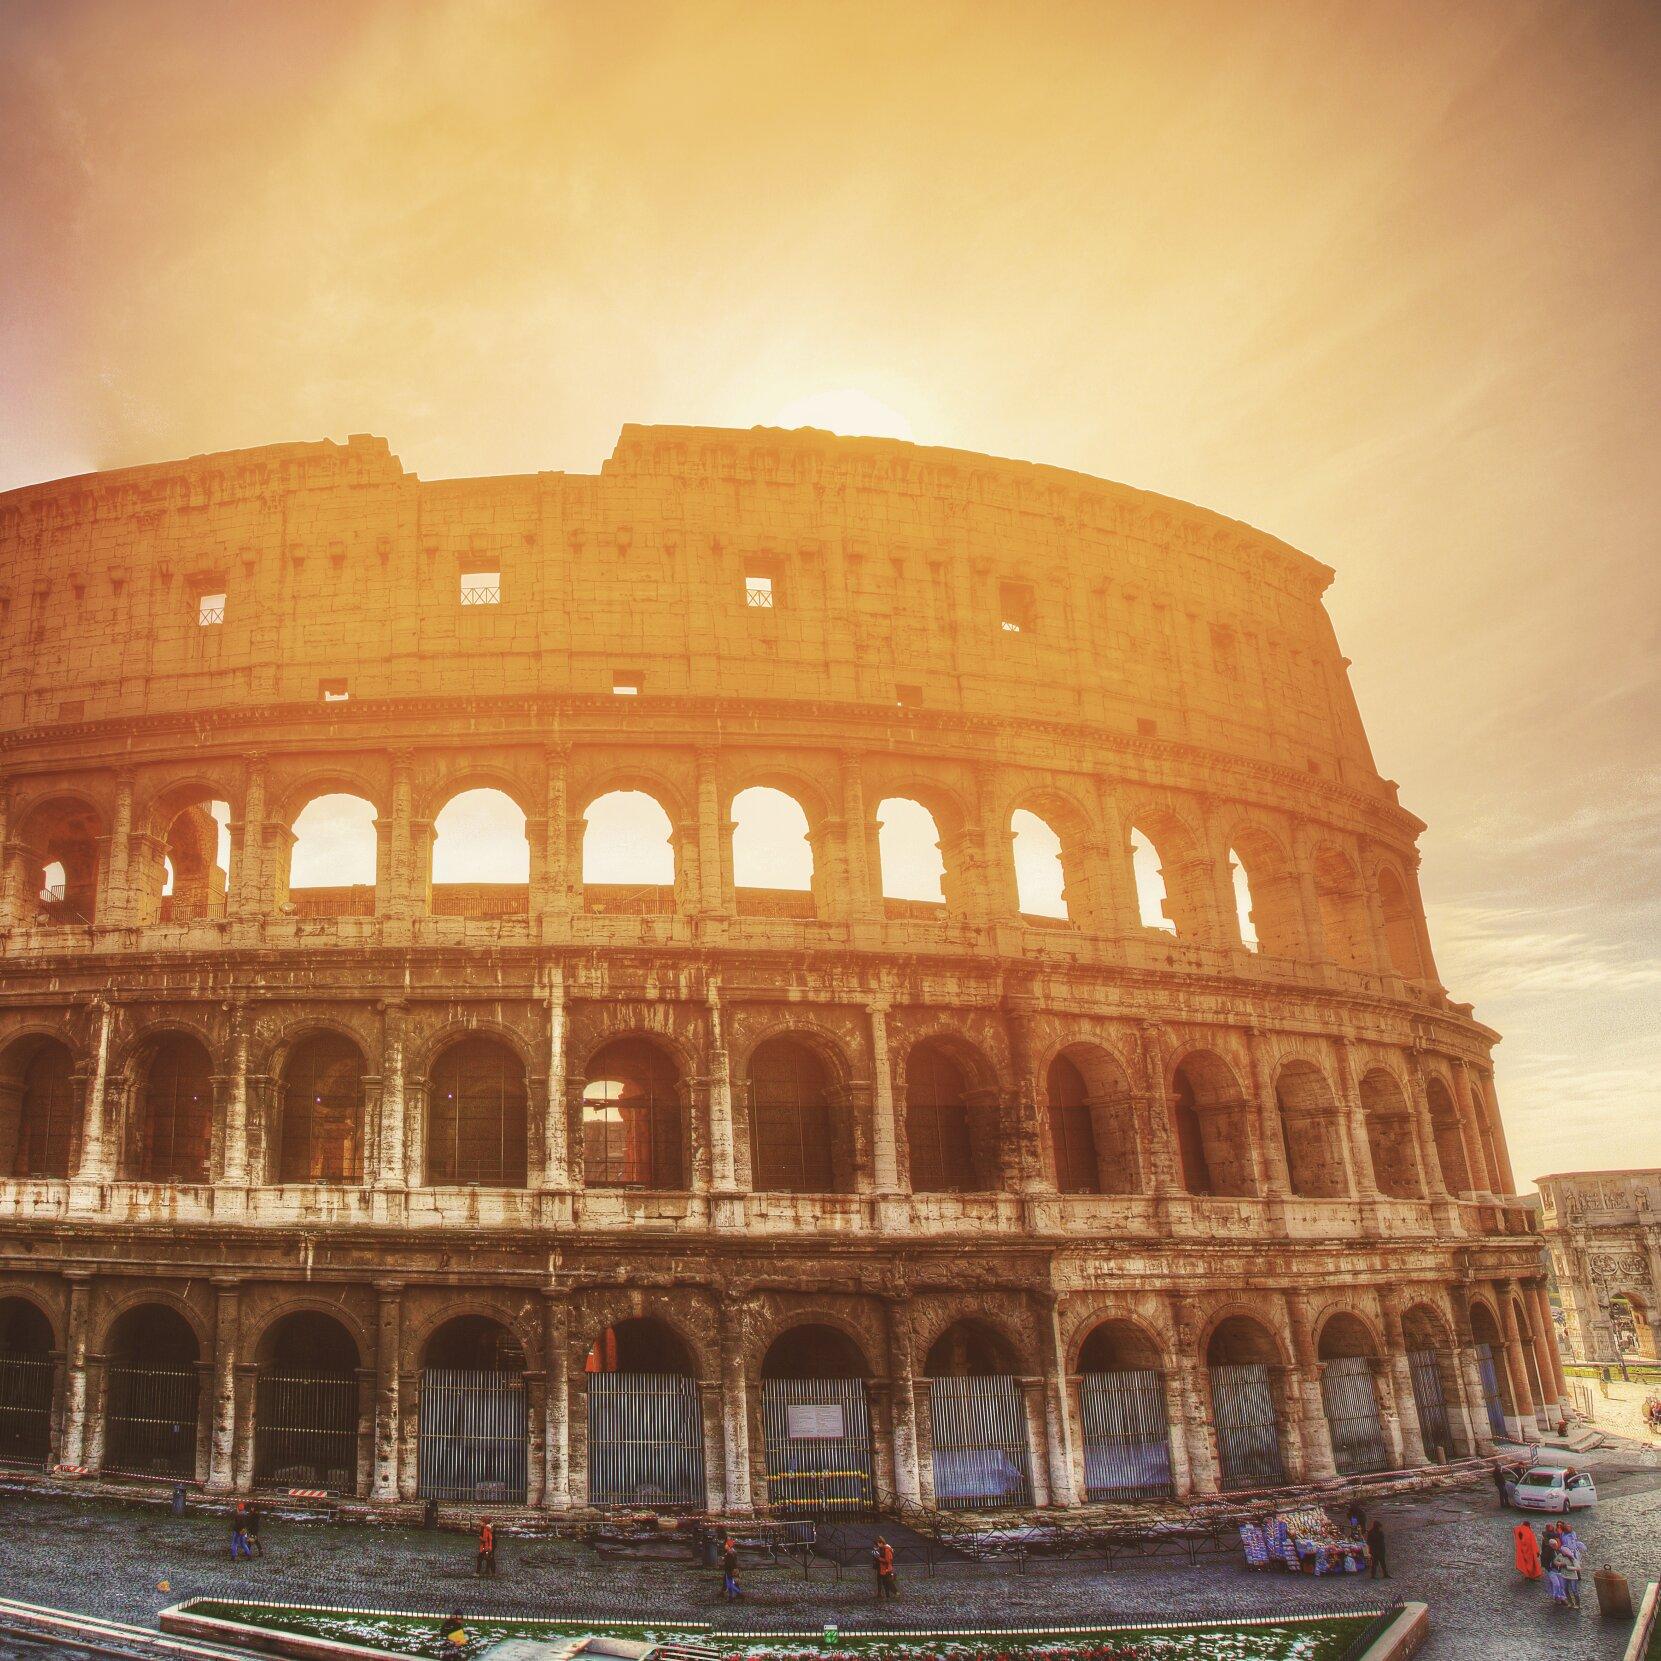 Colosseum in Rom, der Hauptstadt Italiens